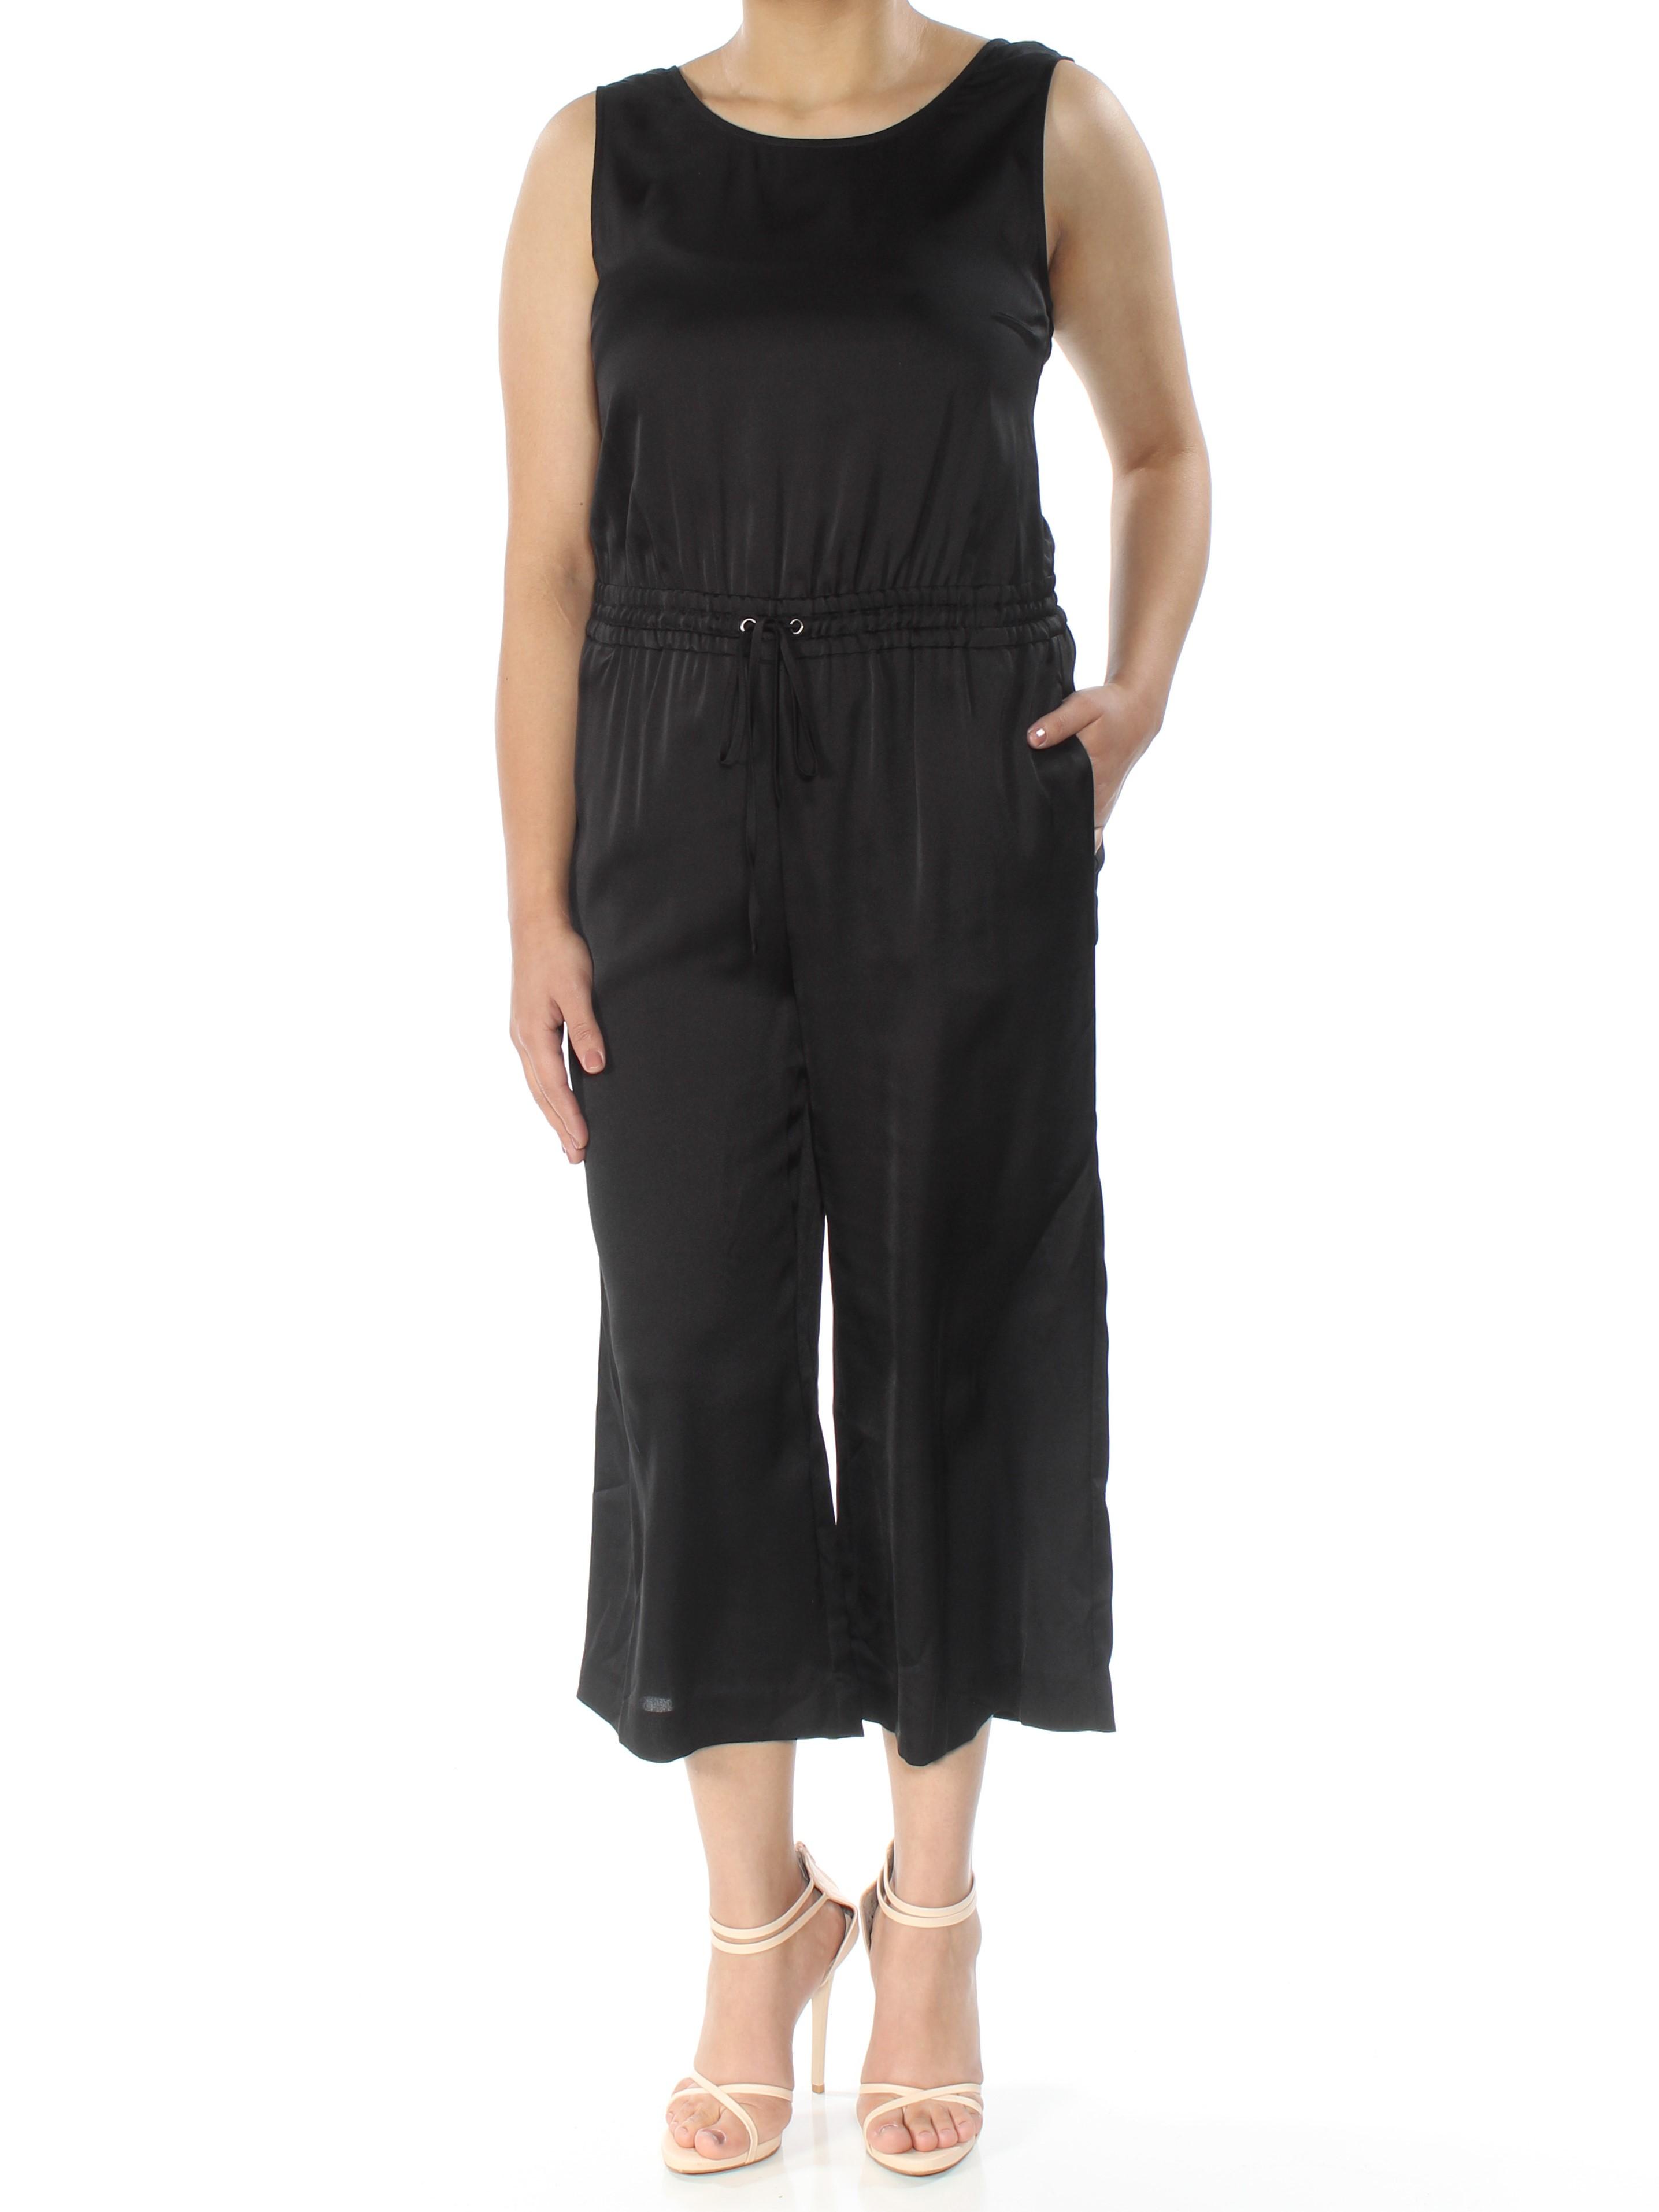 aedb168274e4 Details about RACHEL ROY  139 Womens New 1384 Black Low Back Tie Capri Wide  Leg Jumpsuit S B+B